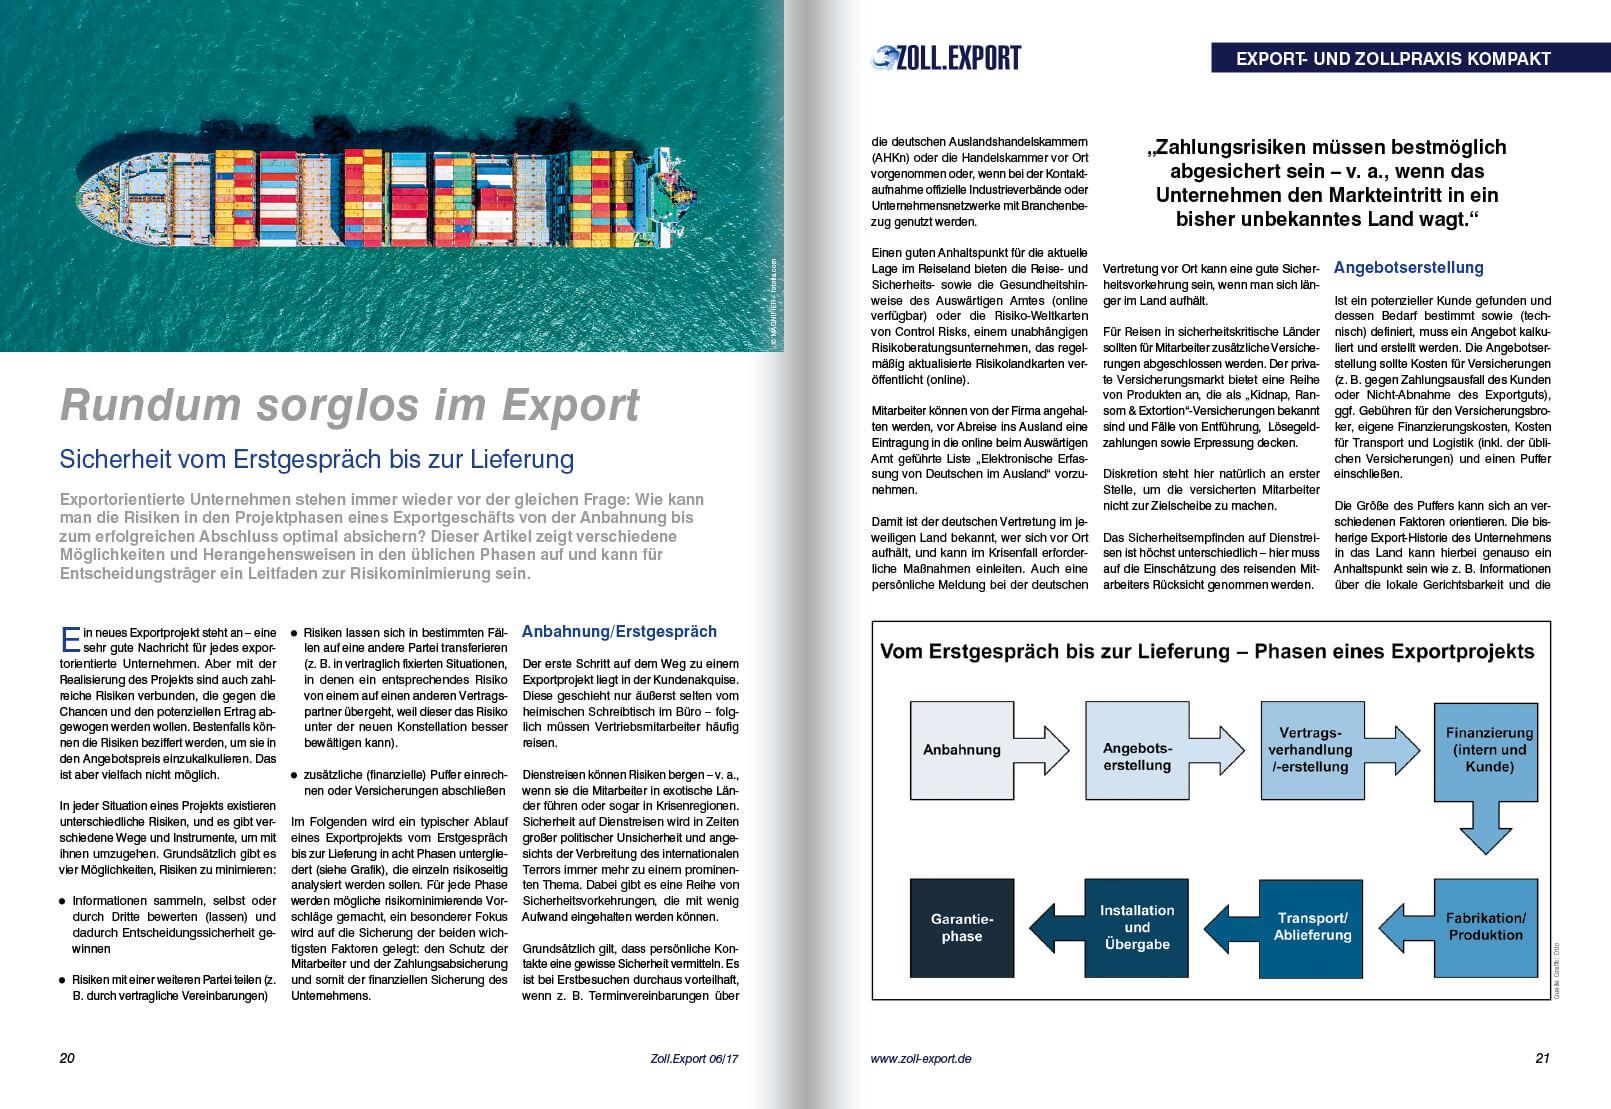 2017-06 Rundum sorglos im Export 1